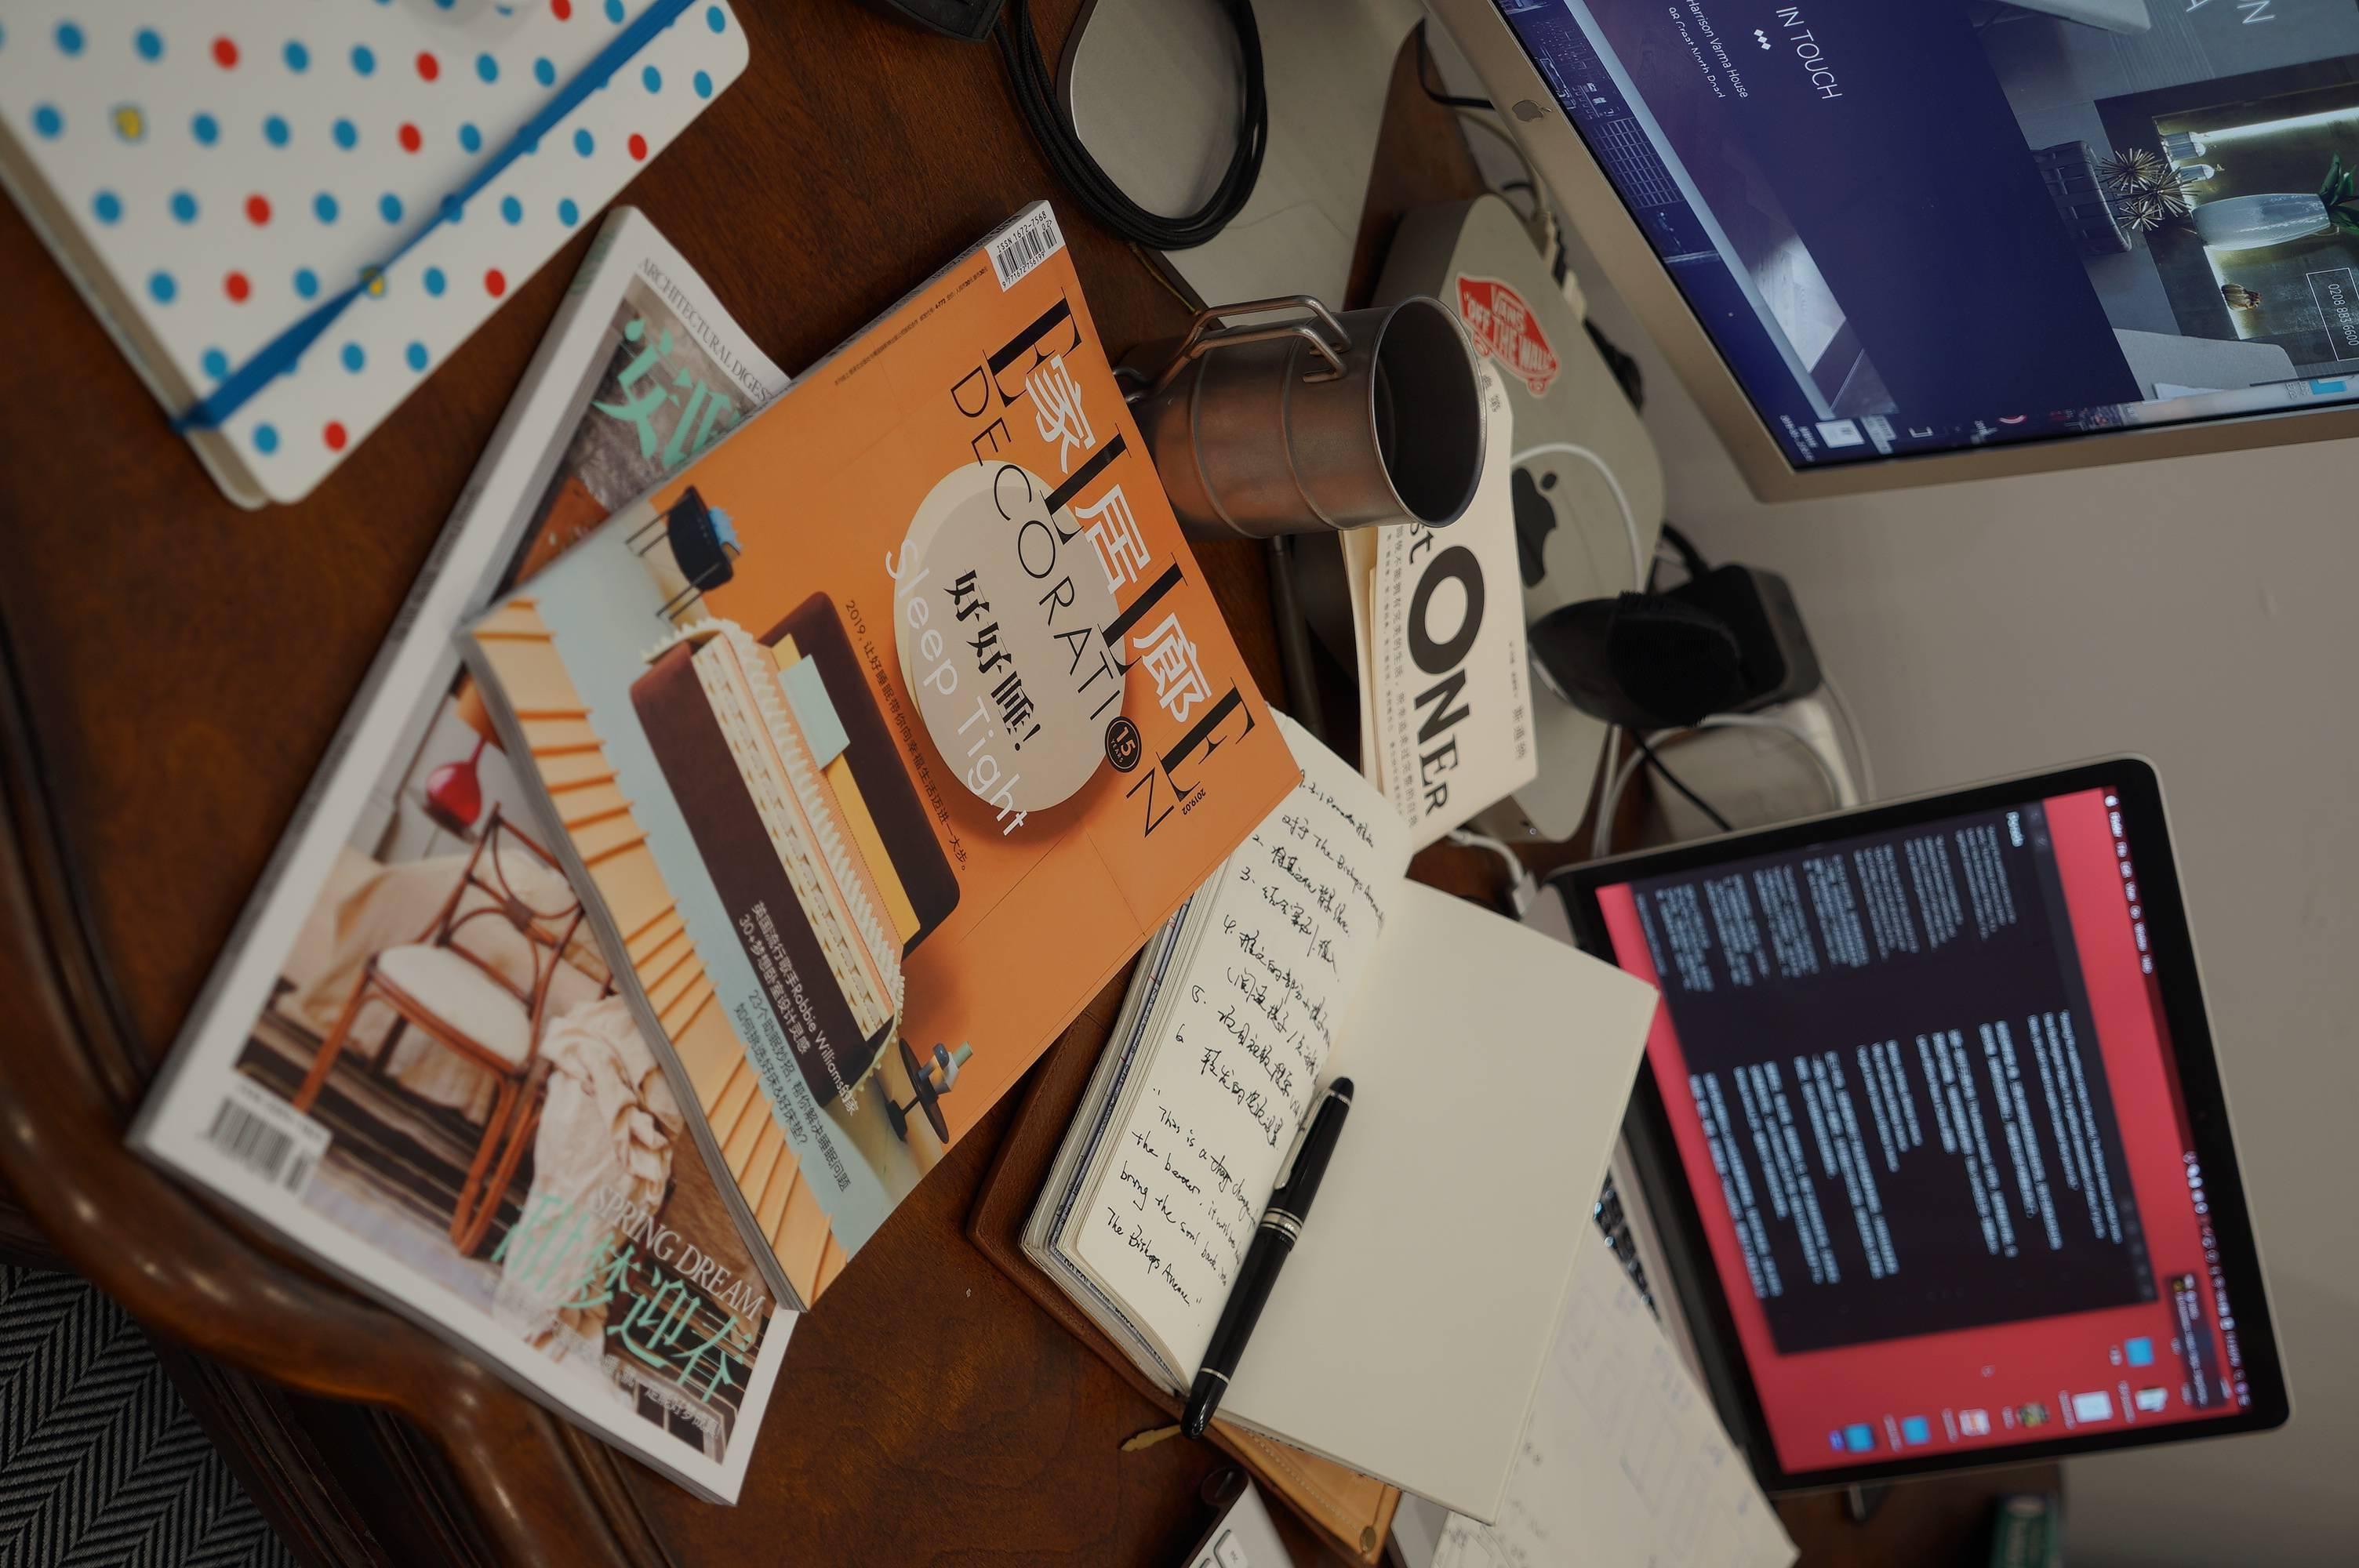 这是我的居心地,参与「无限桌面」征文活动。